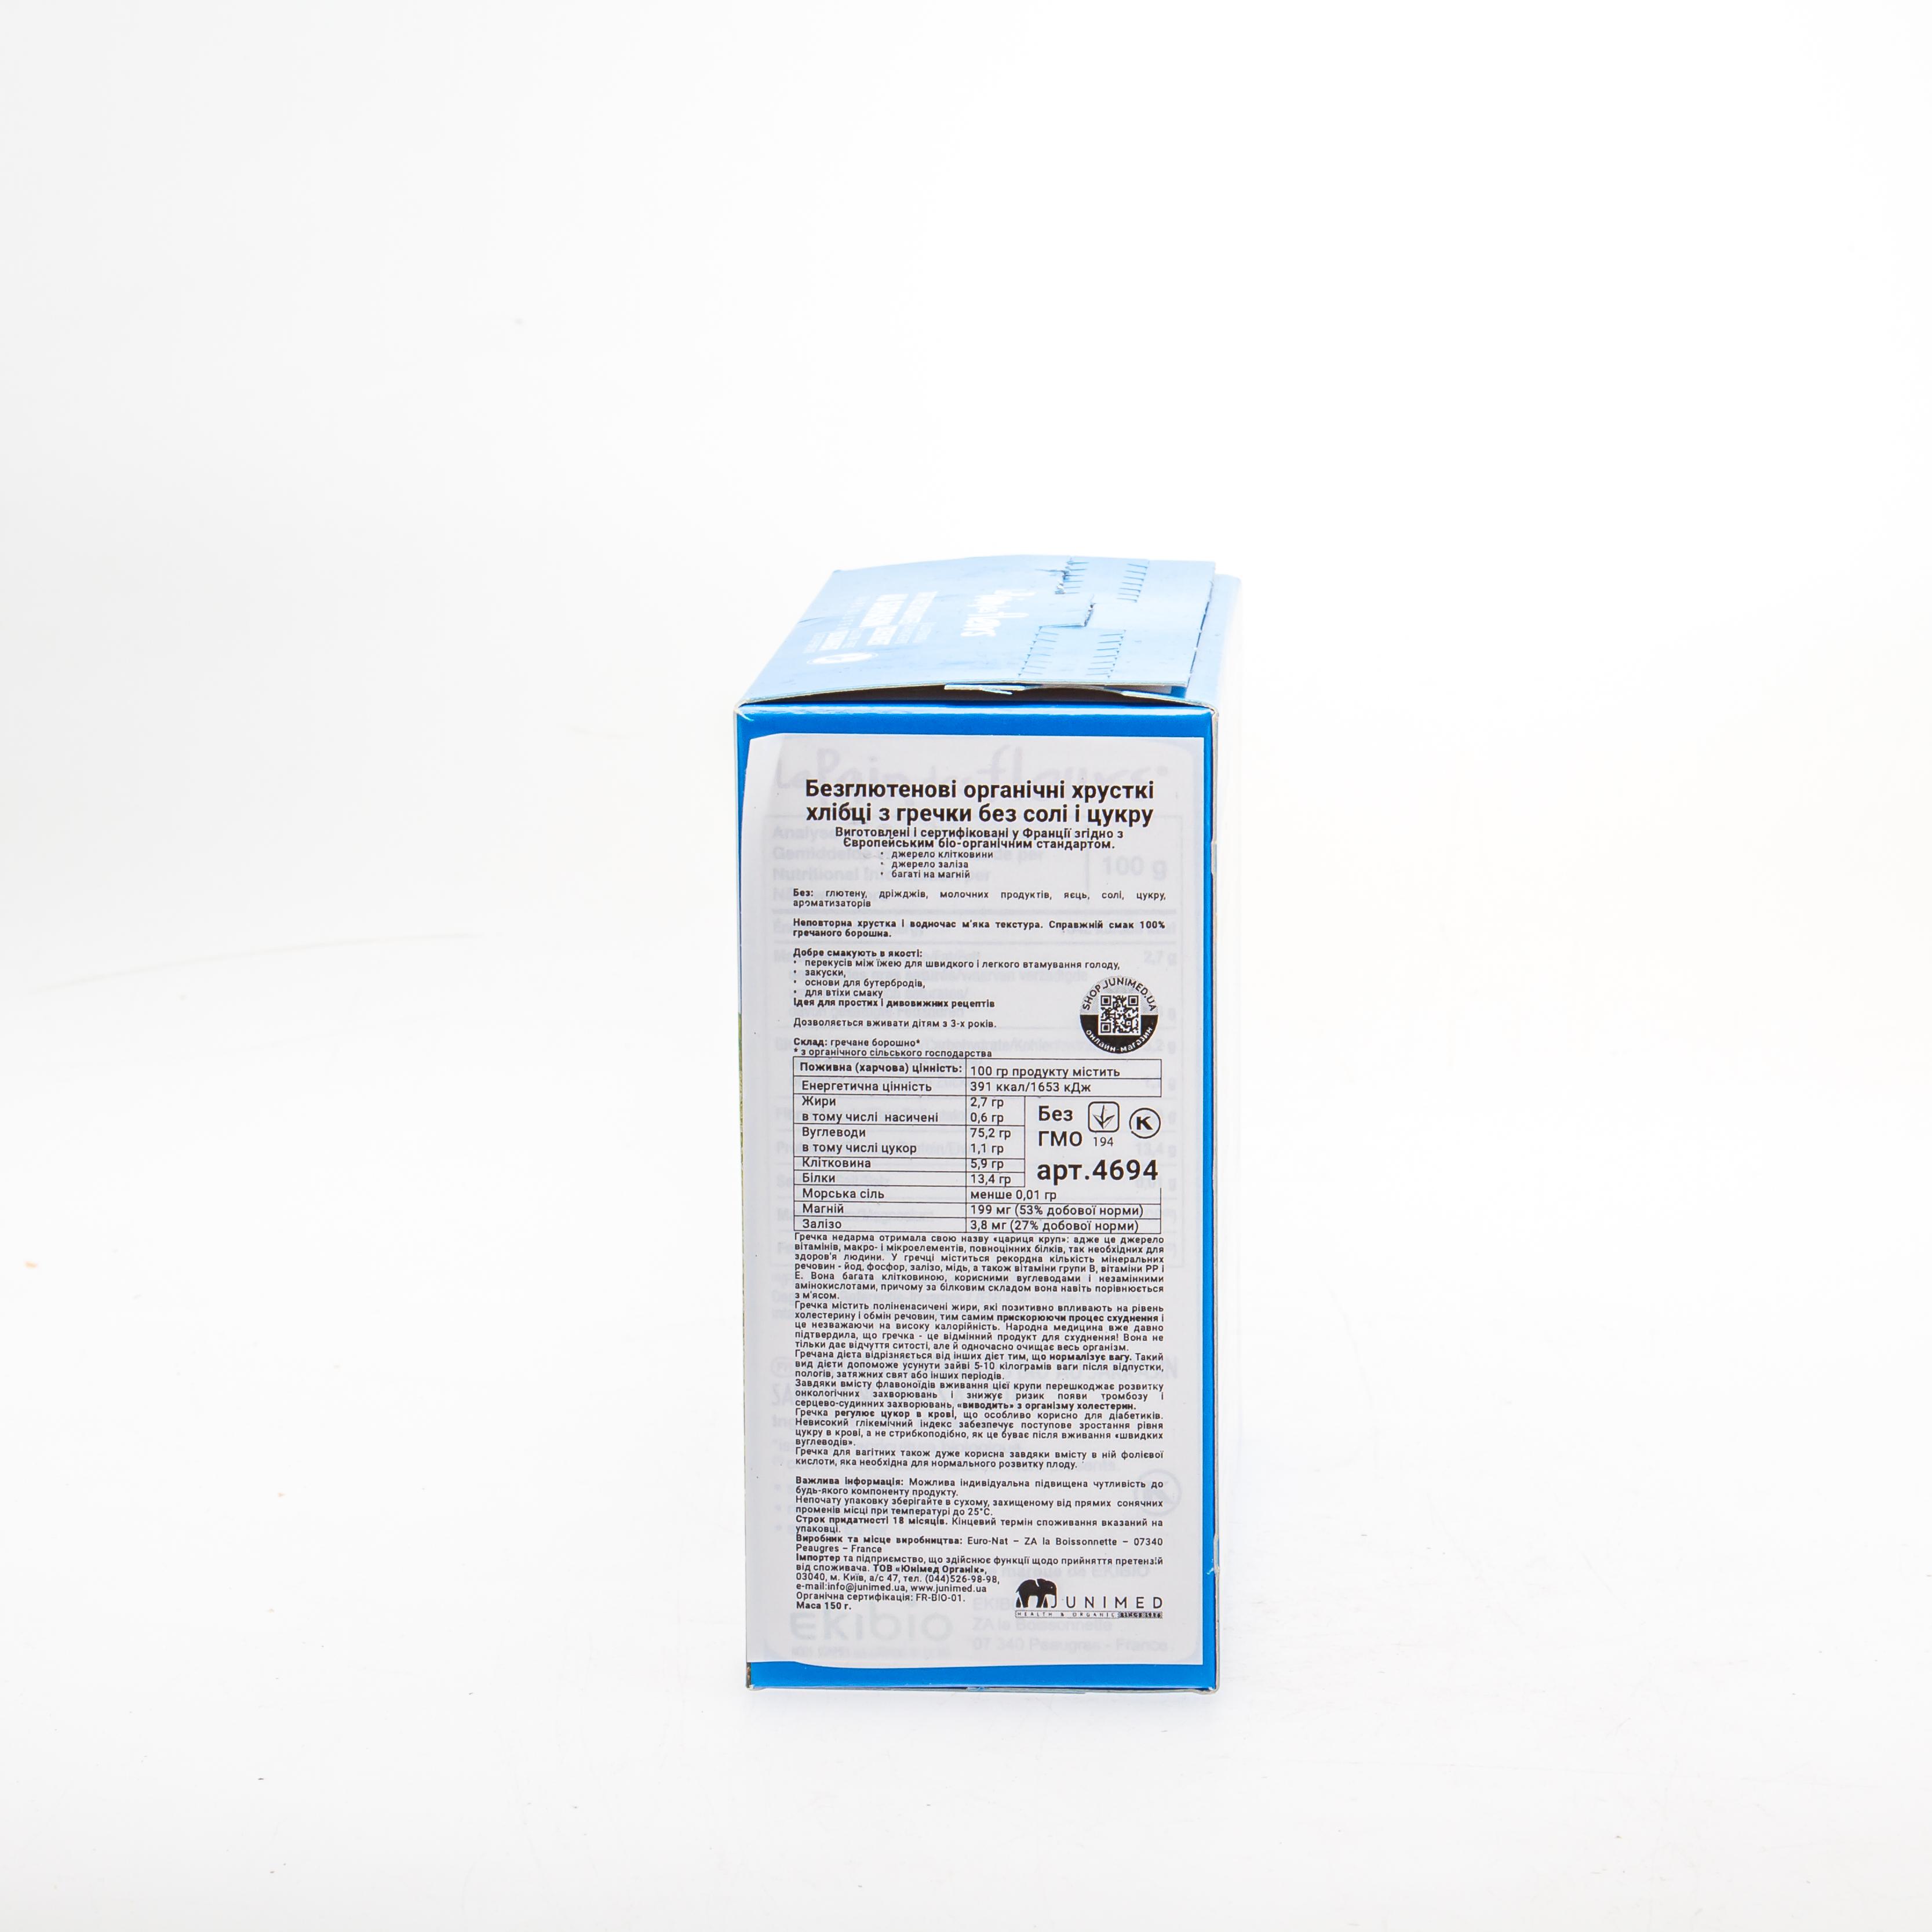 Органічні хрусткі хлібці з гречки (без глютену) без солі і цукру,150 г - купити в інтернет-магазині Юнимед